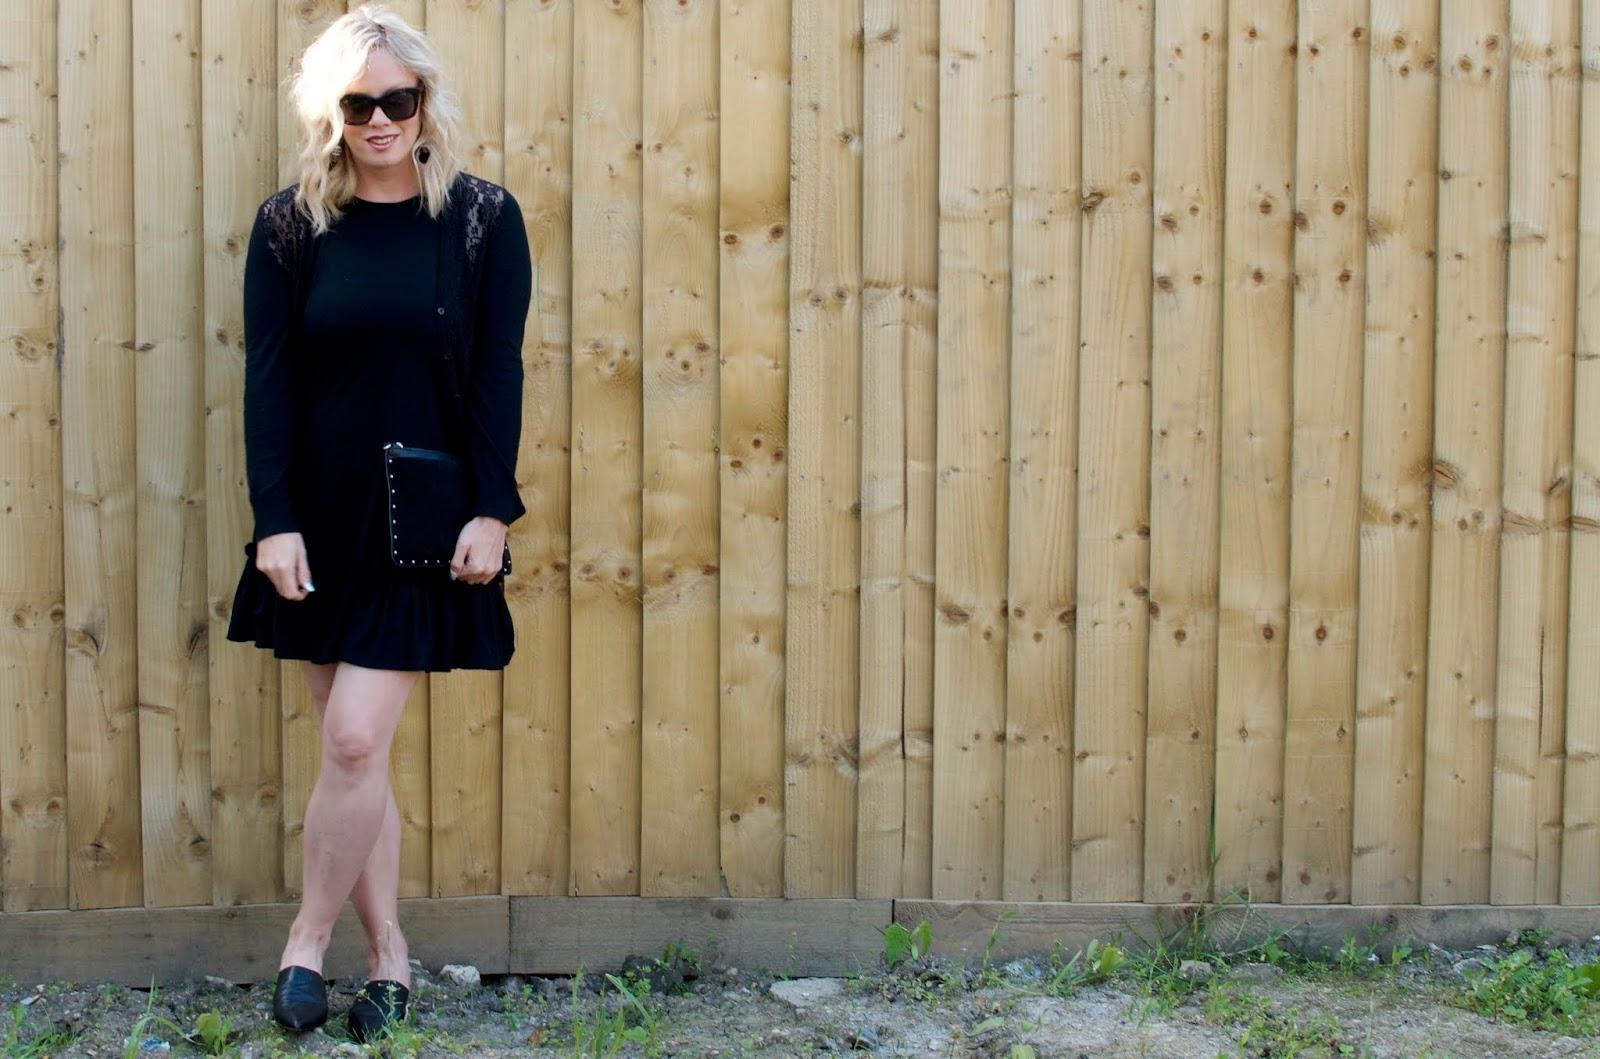 That Cotton Black Mini Dress